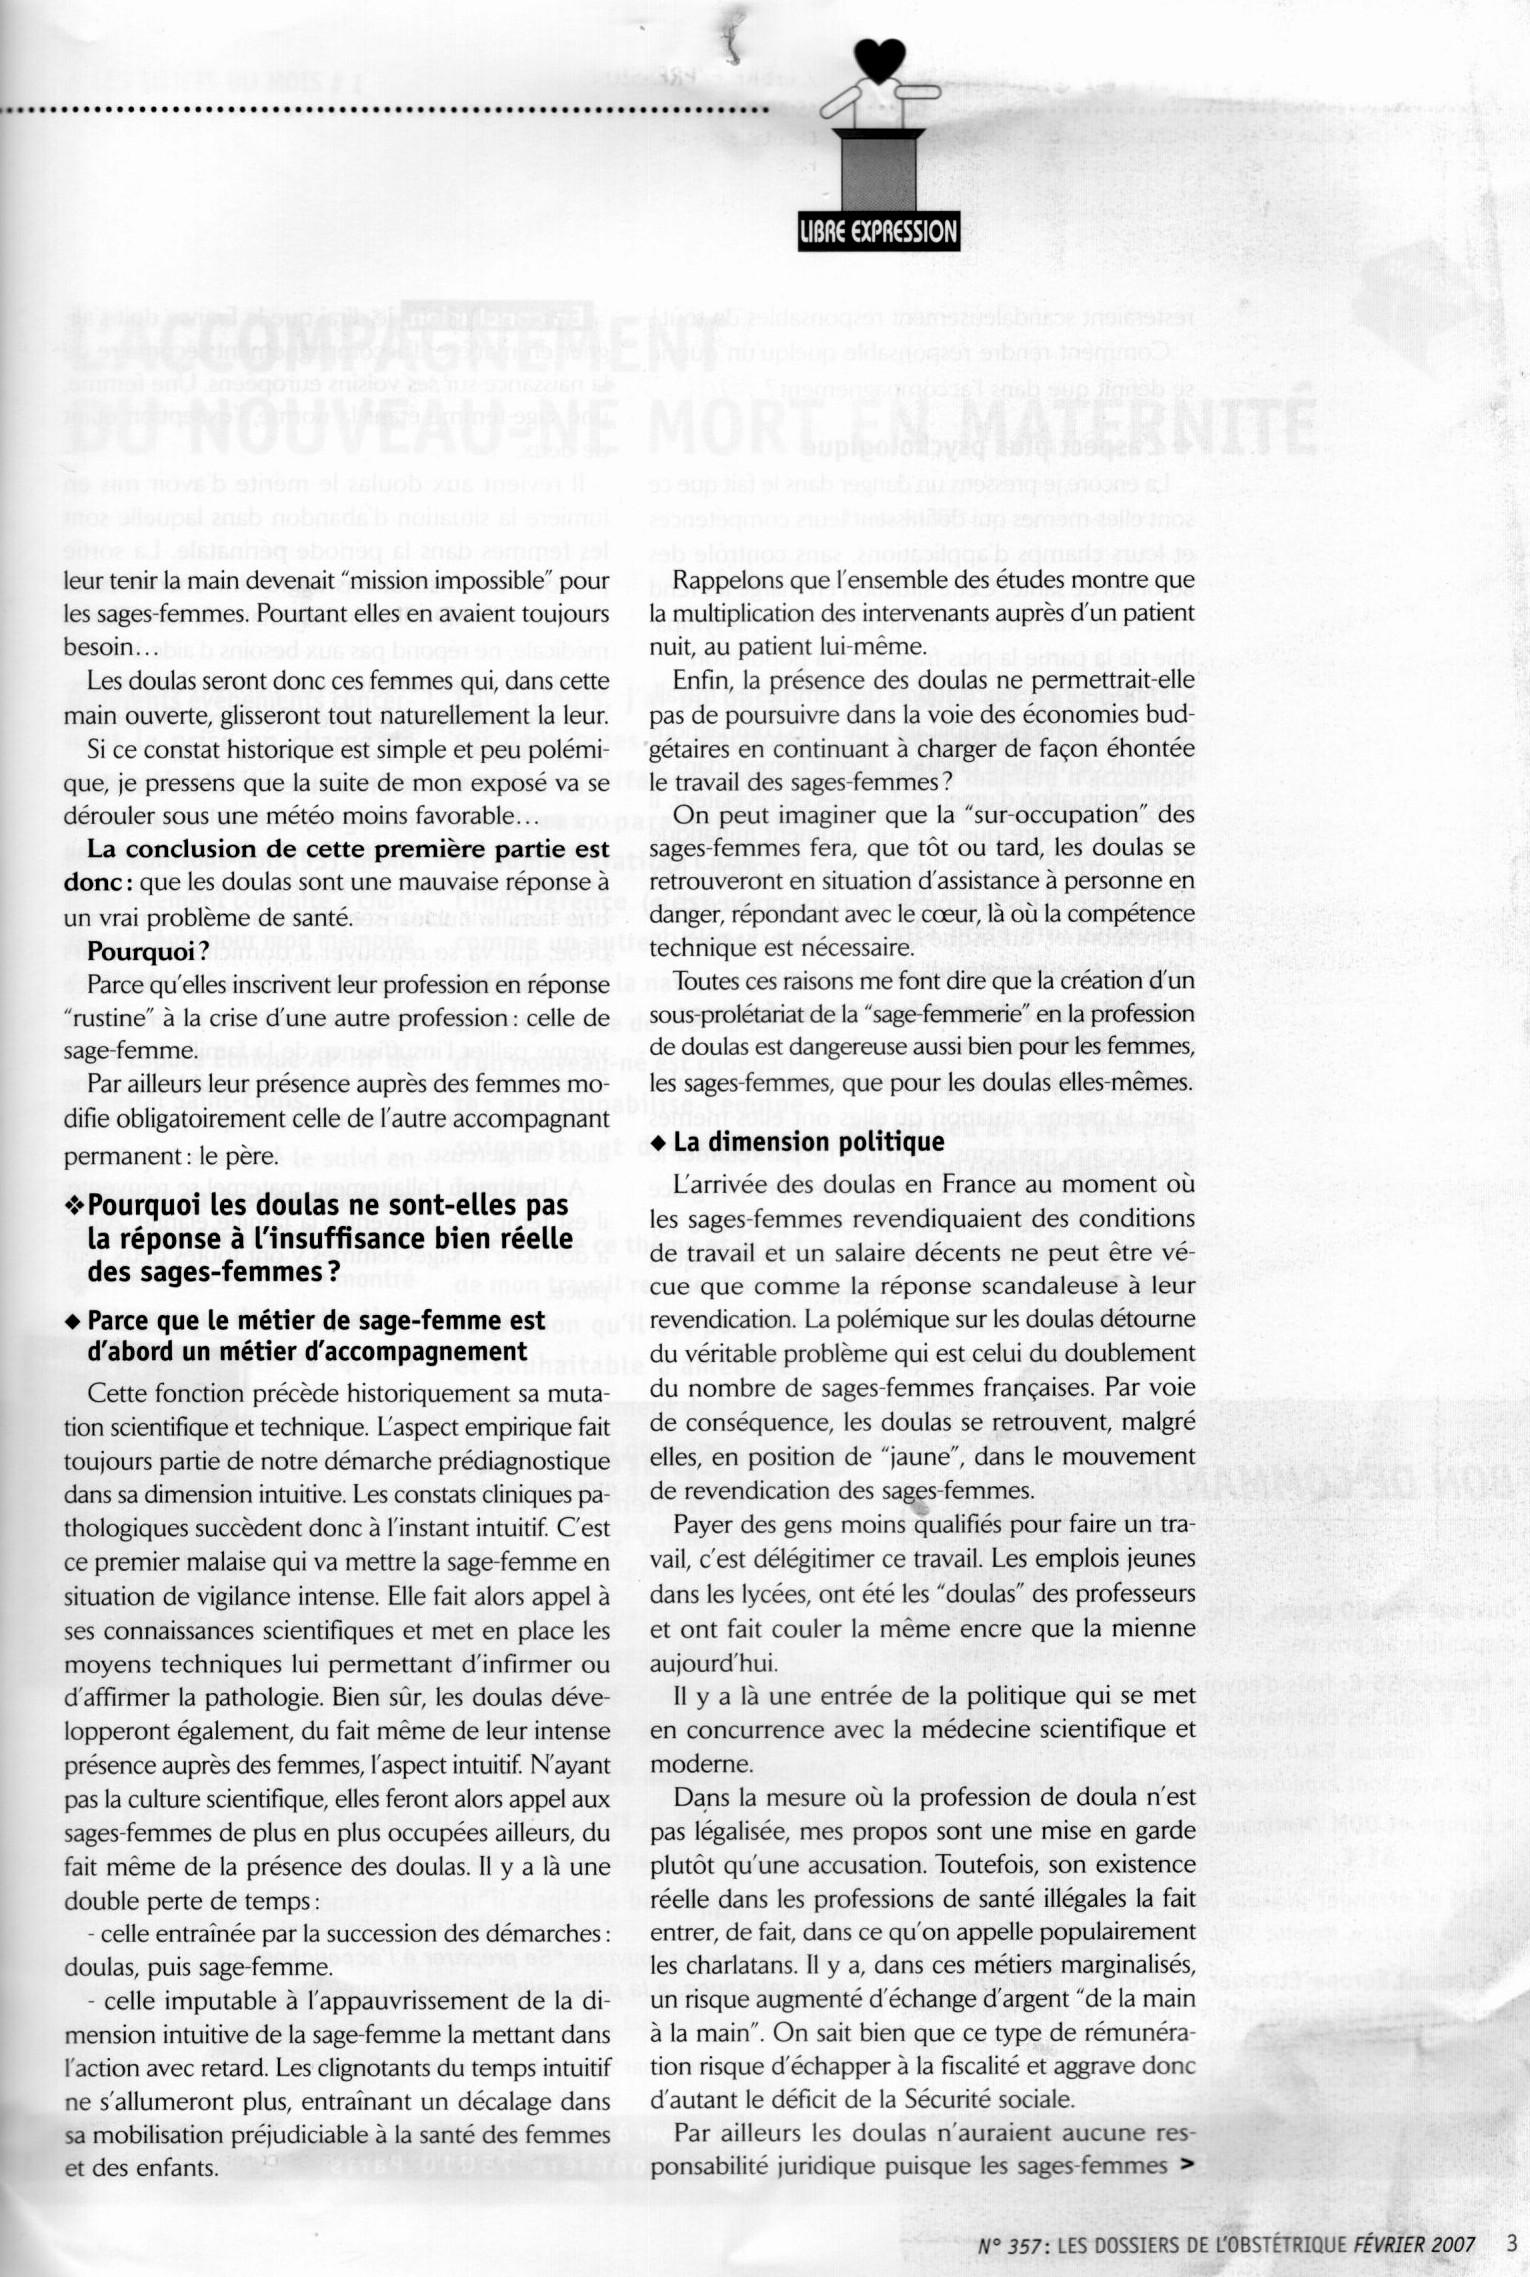 200702-DoulaOuPasDoula-2